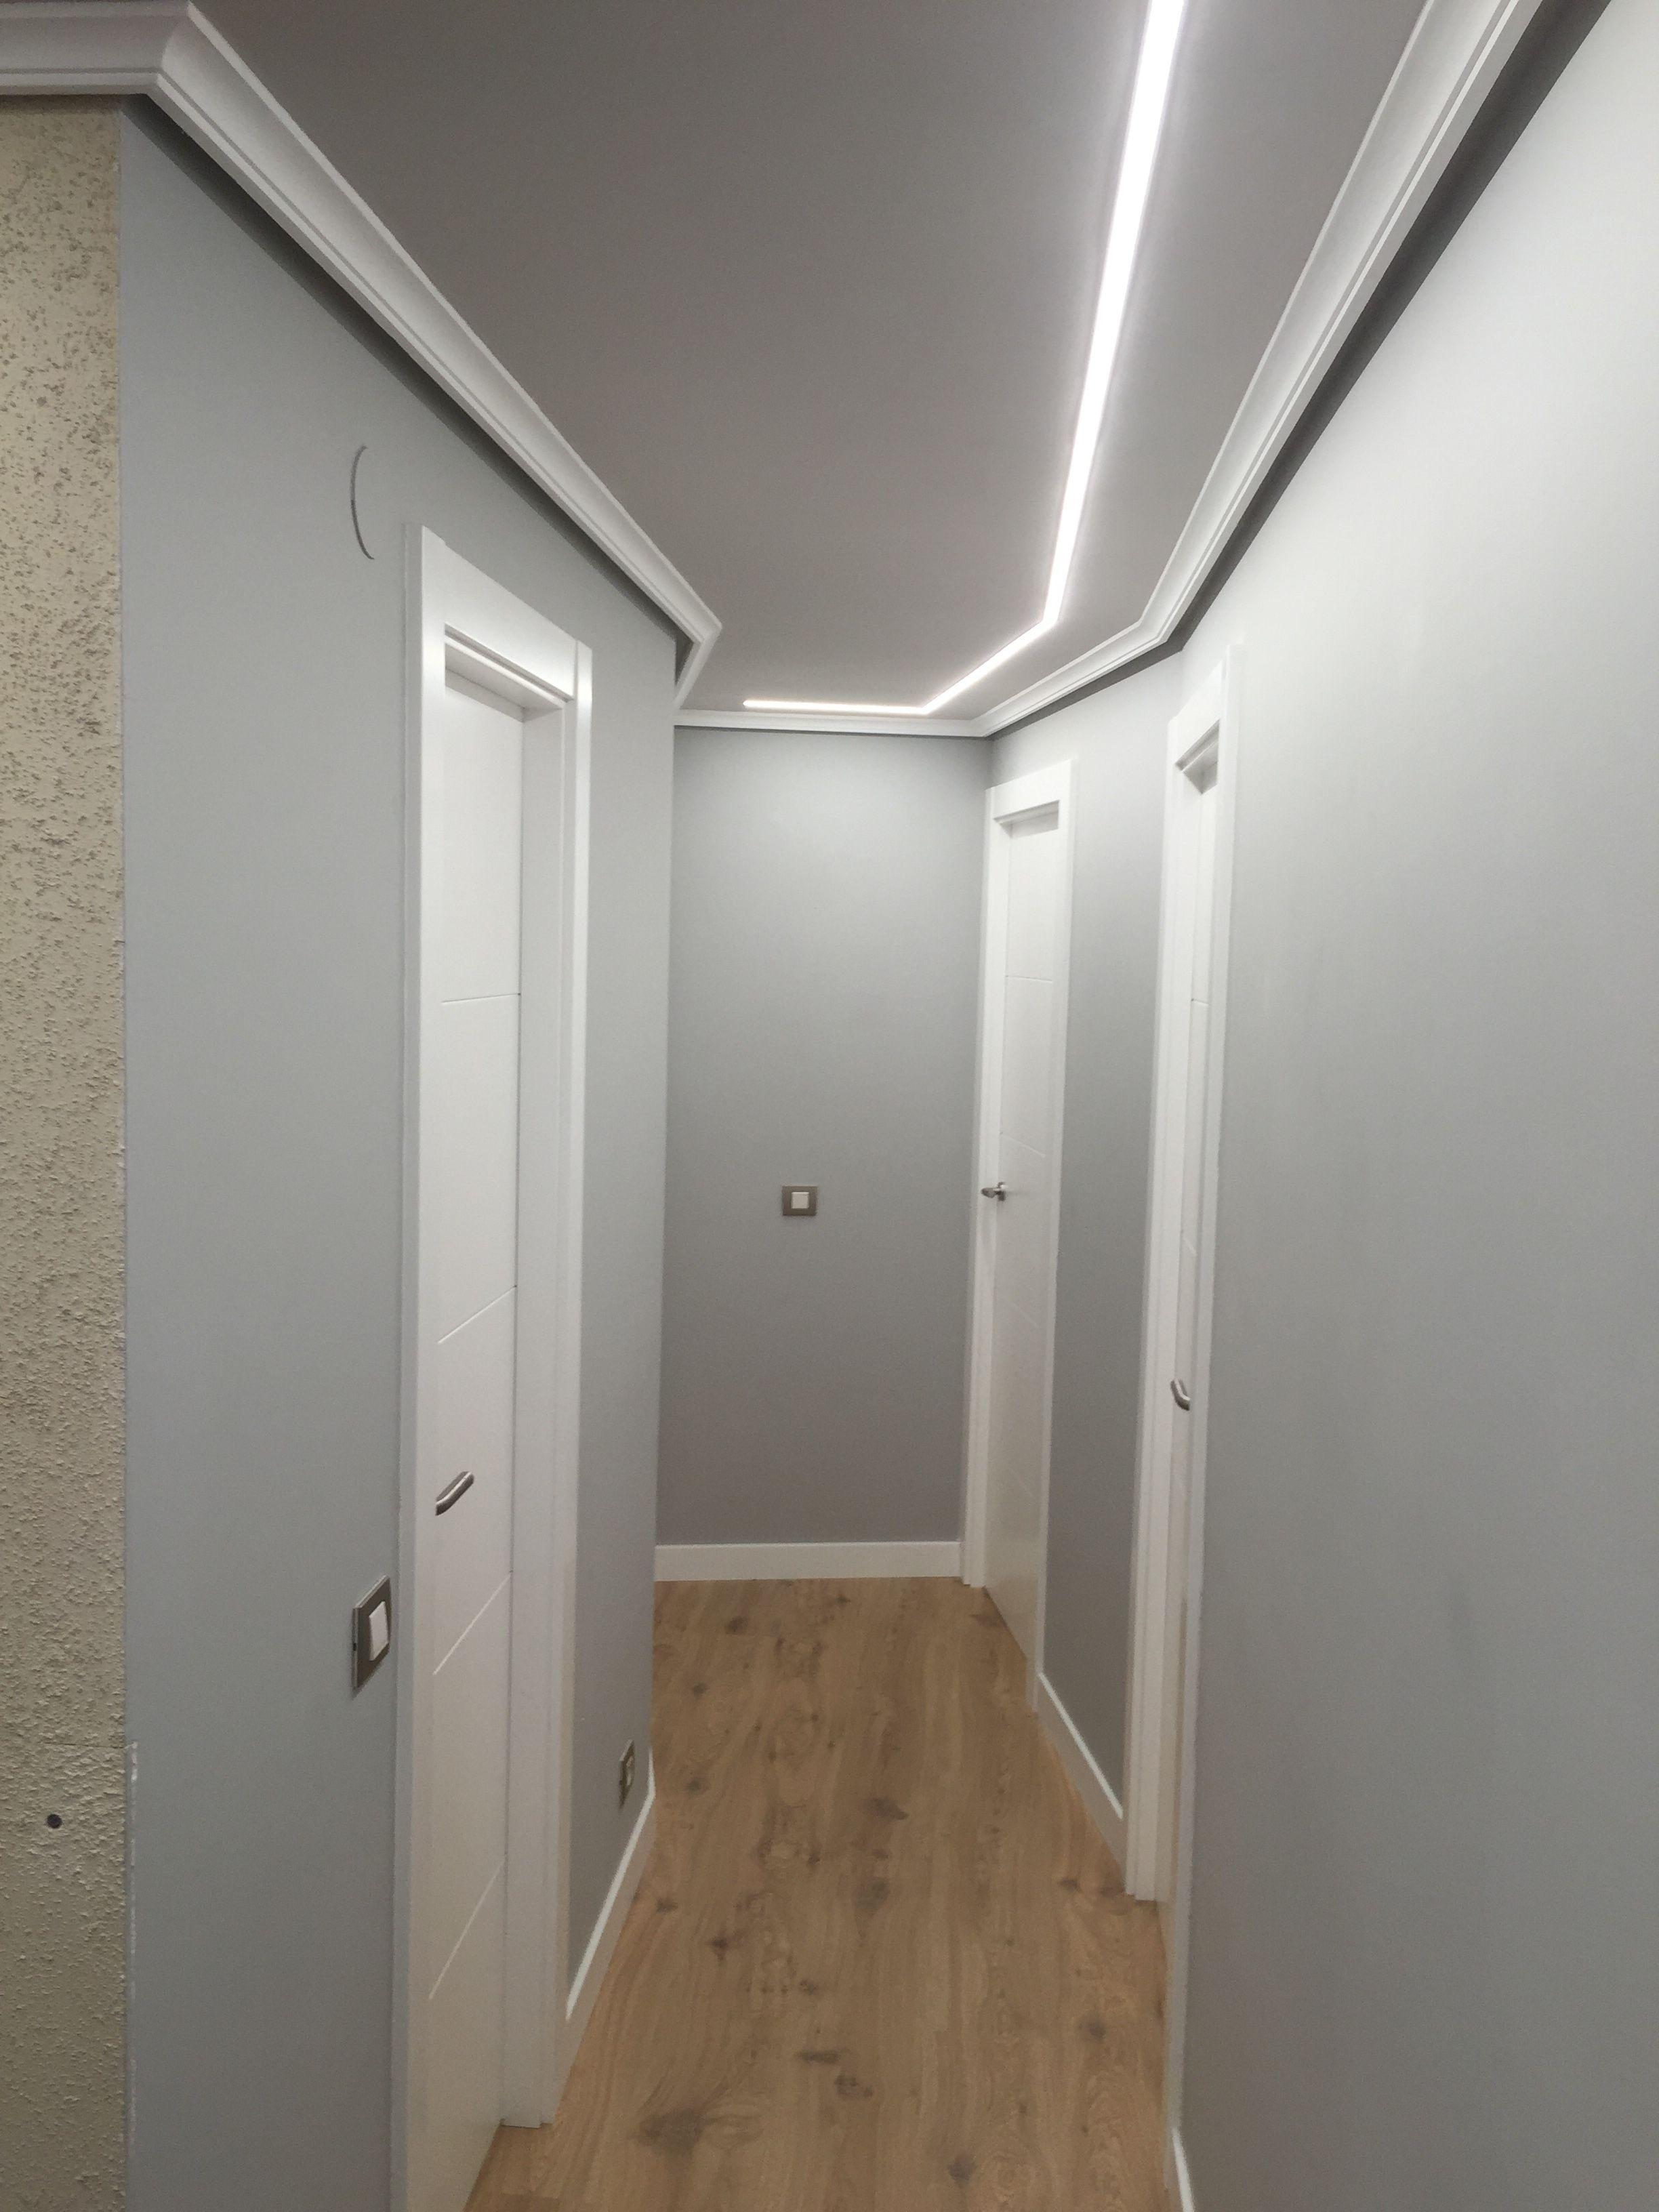 Pasillo iluminado con tiras de LEDs empotradas en el techo